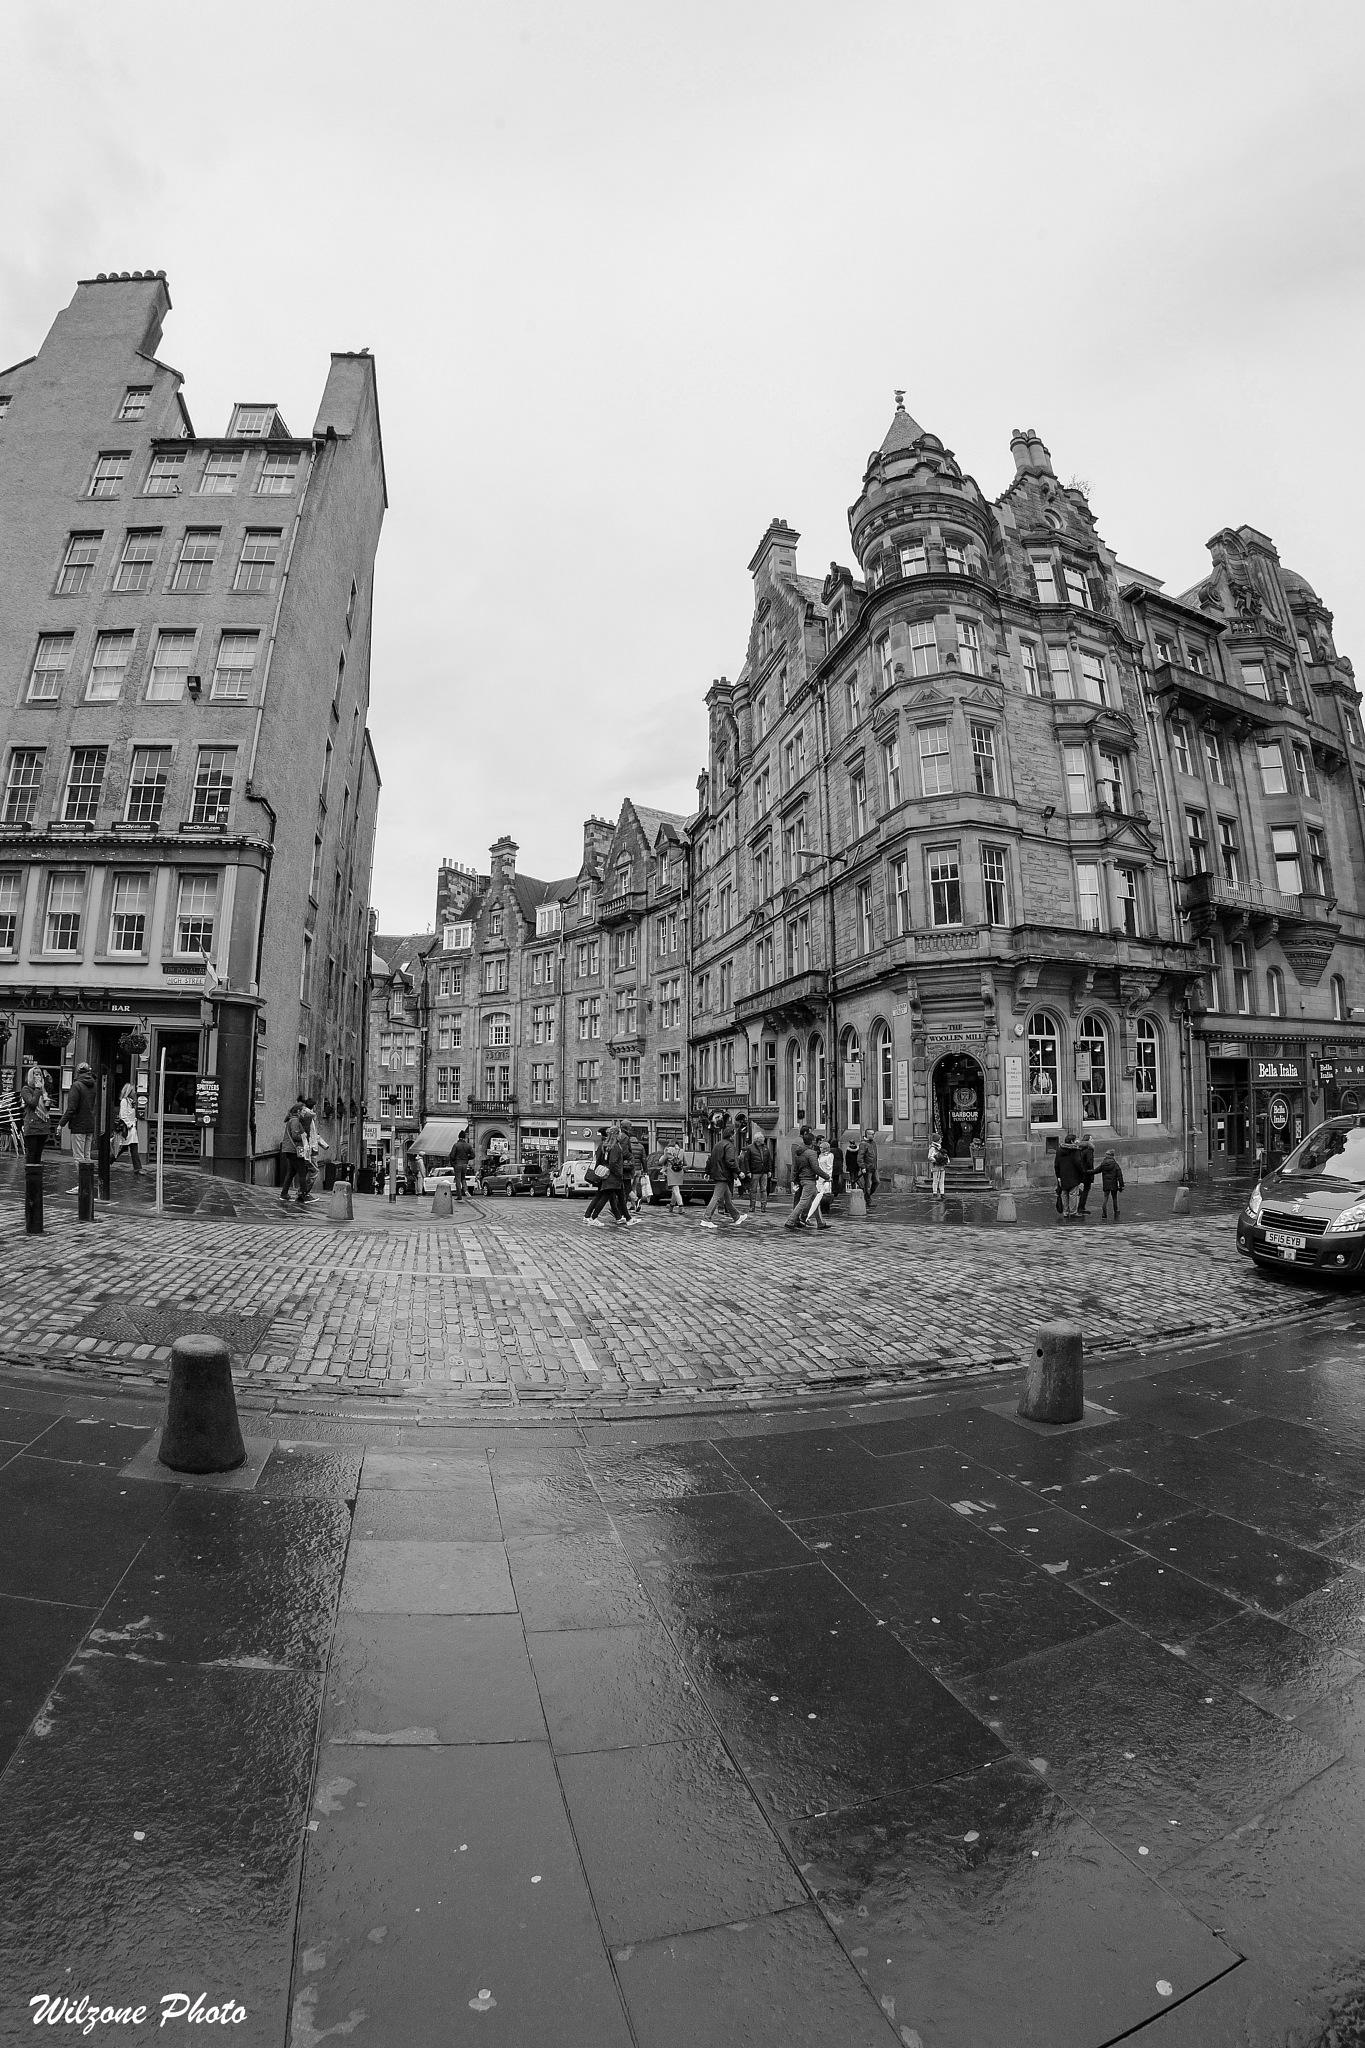 Edinburgh 4292 by Wilzone Photo